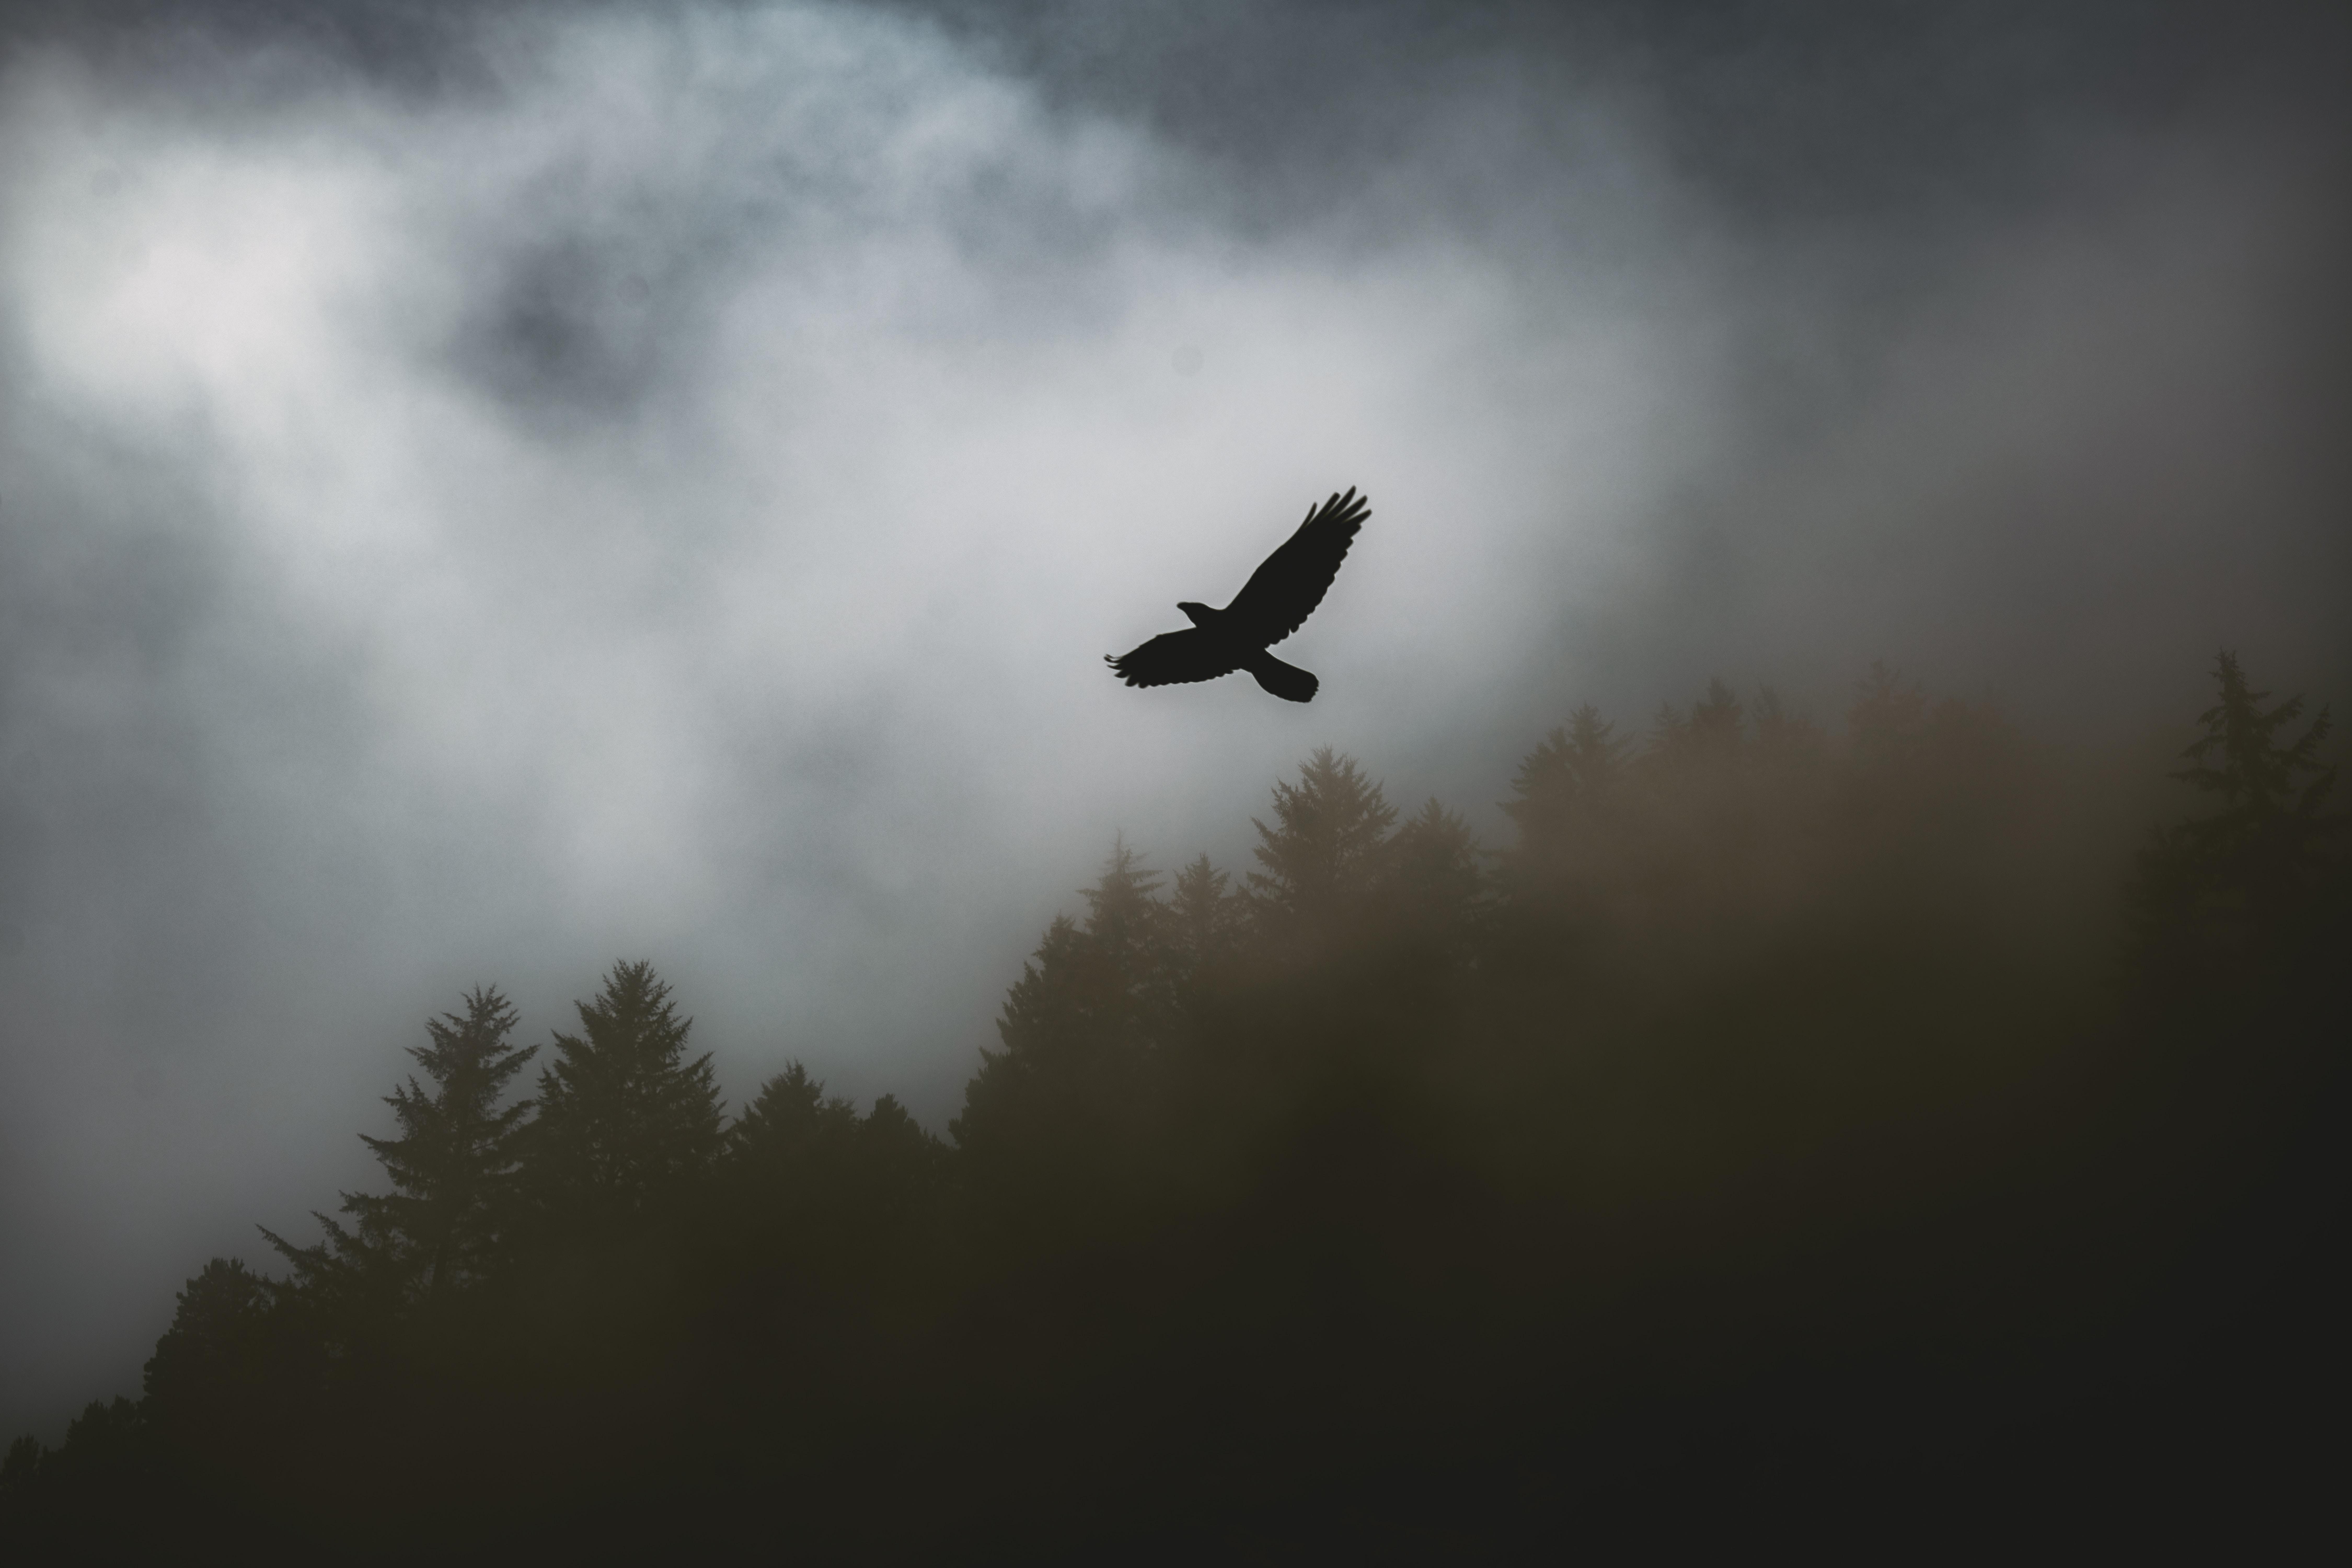 93471 скачать обои Темные, Птица, Ворон, Туман, Деревья, Темный - заставки и картинки бесплатно